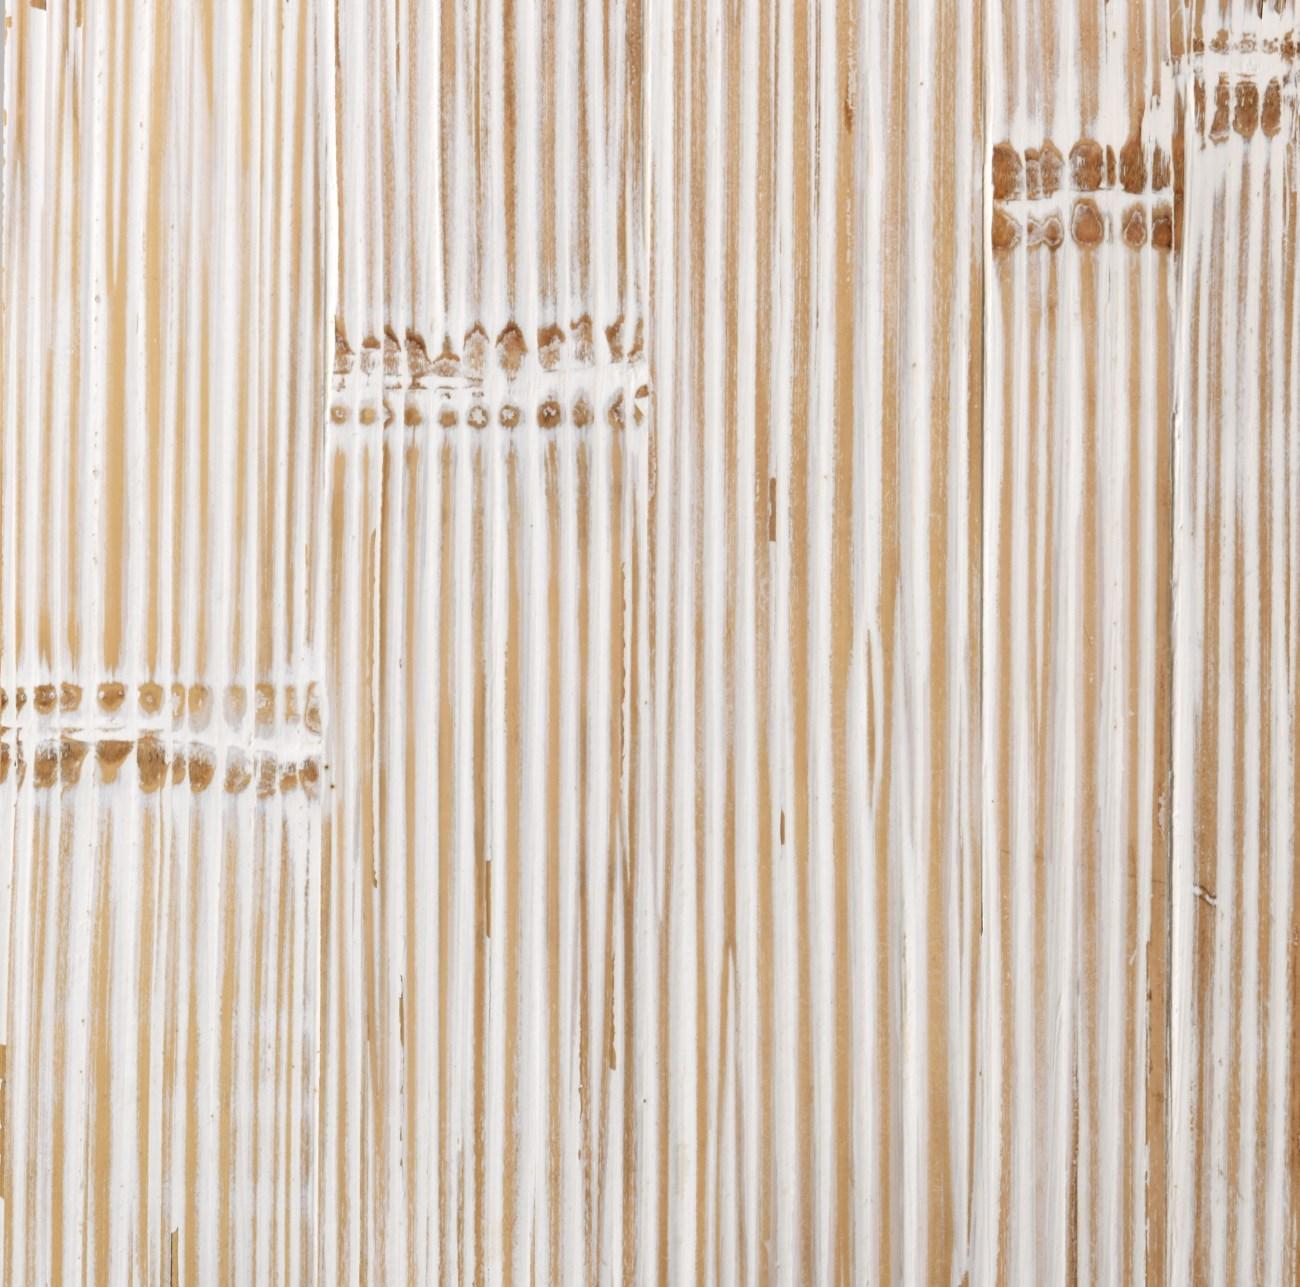 Wave casa del bamb for Vendita bambu